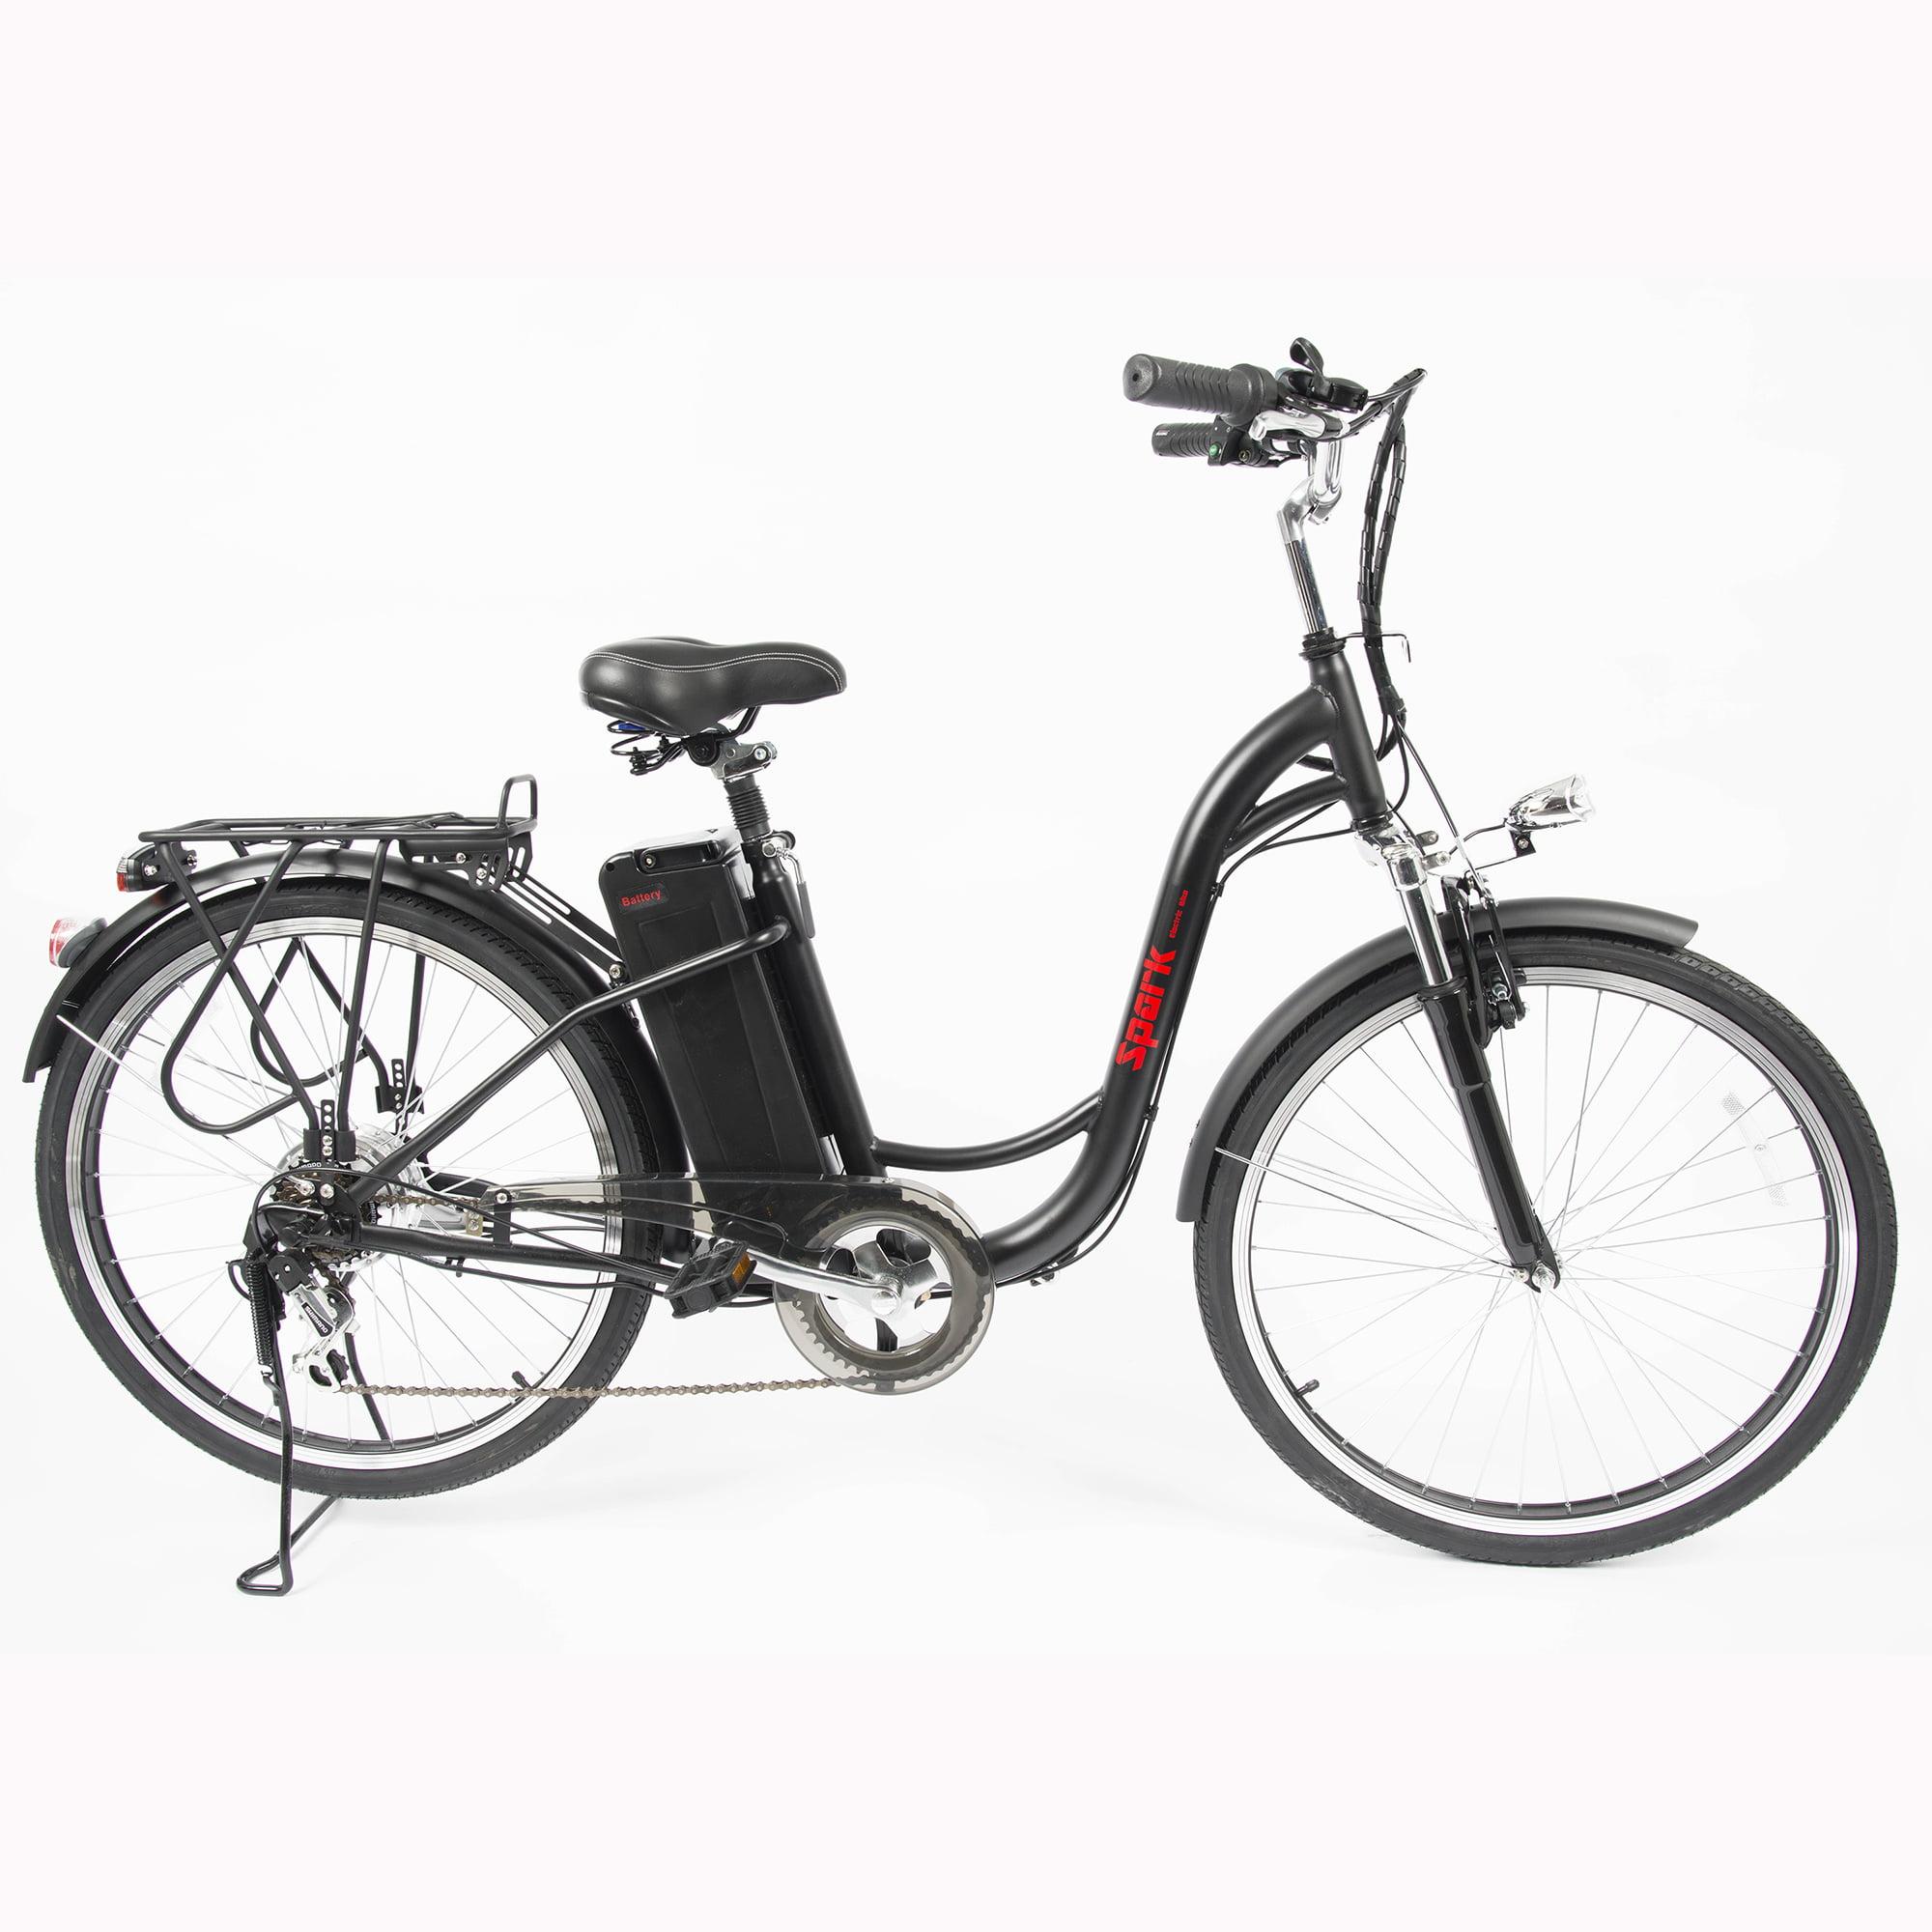 Black Spark Ebike For Women